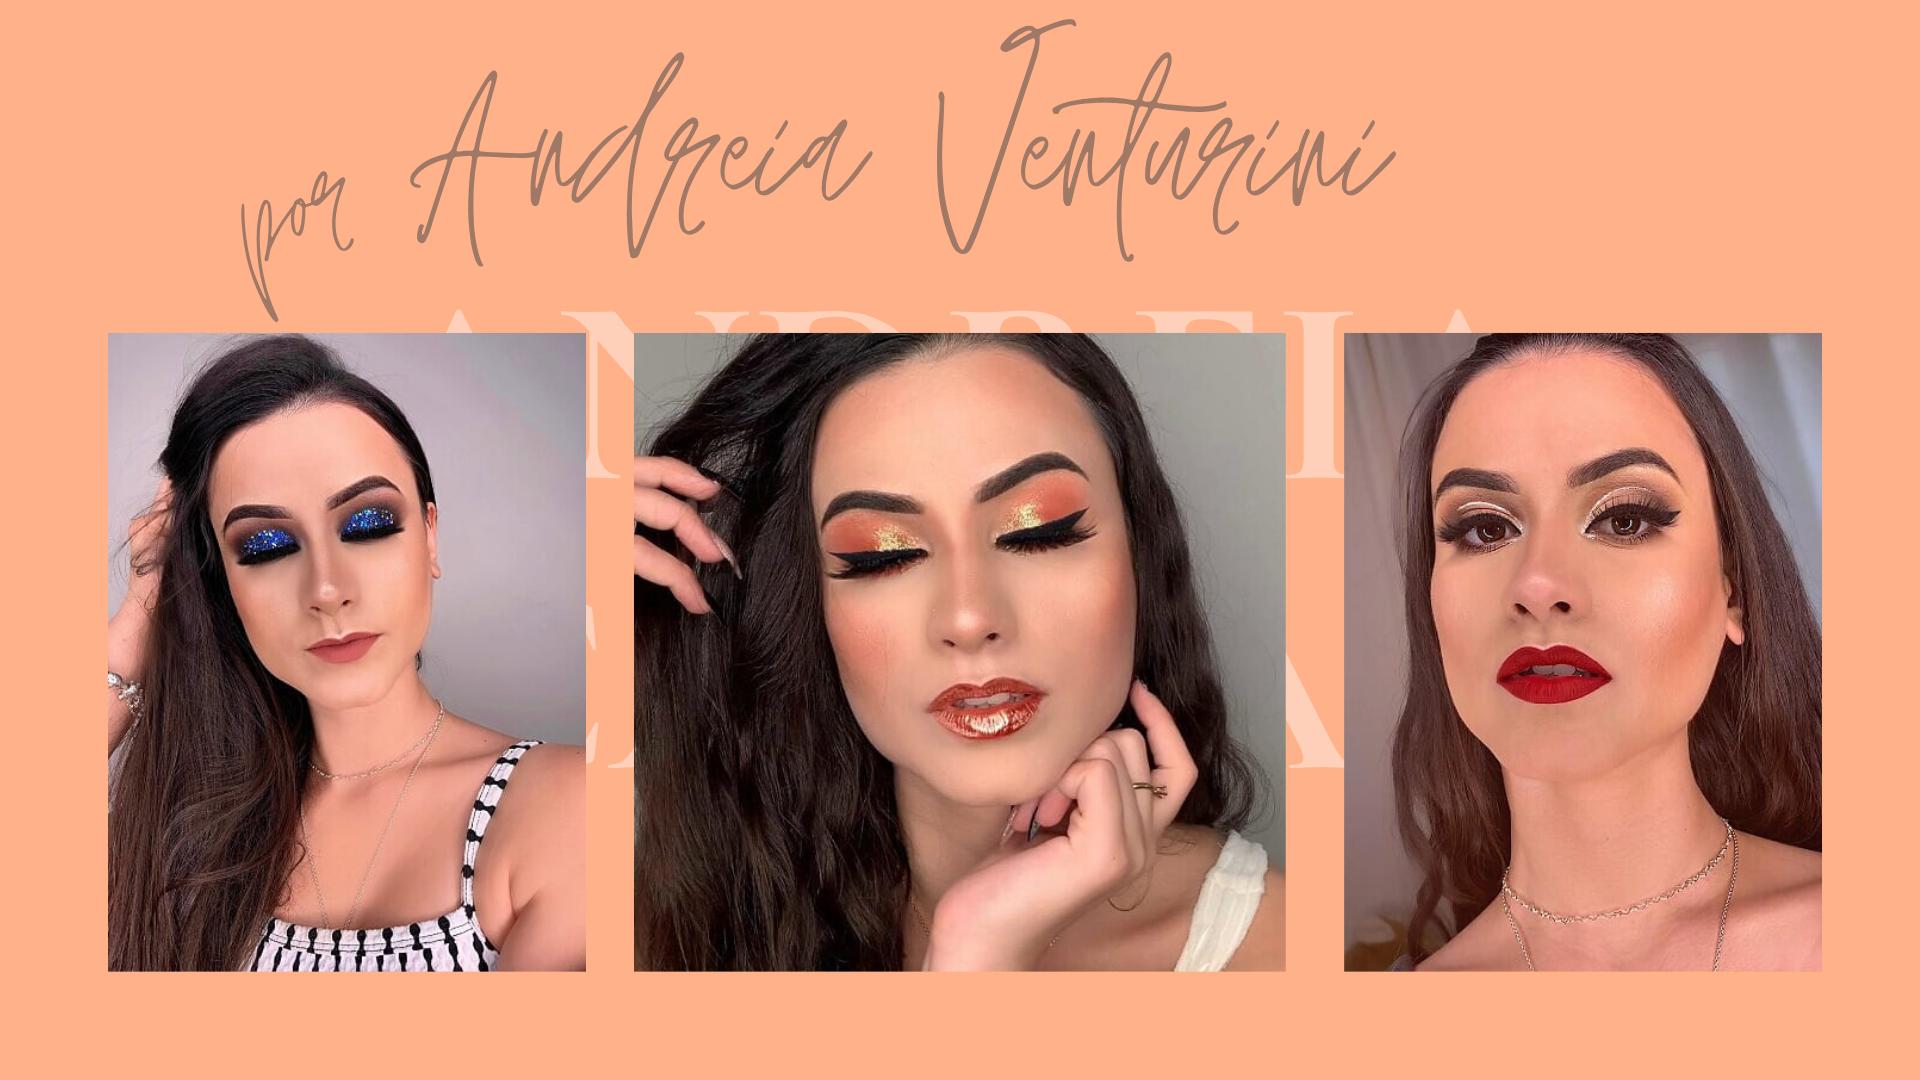 Curso Maquiagem na Web por Andreia Venturine